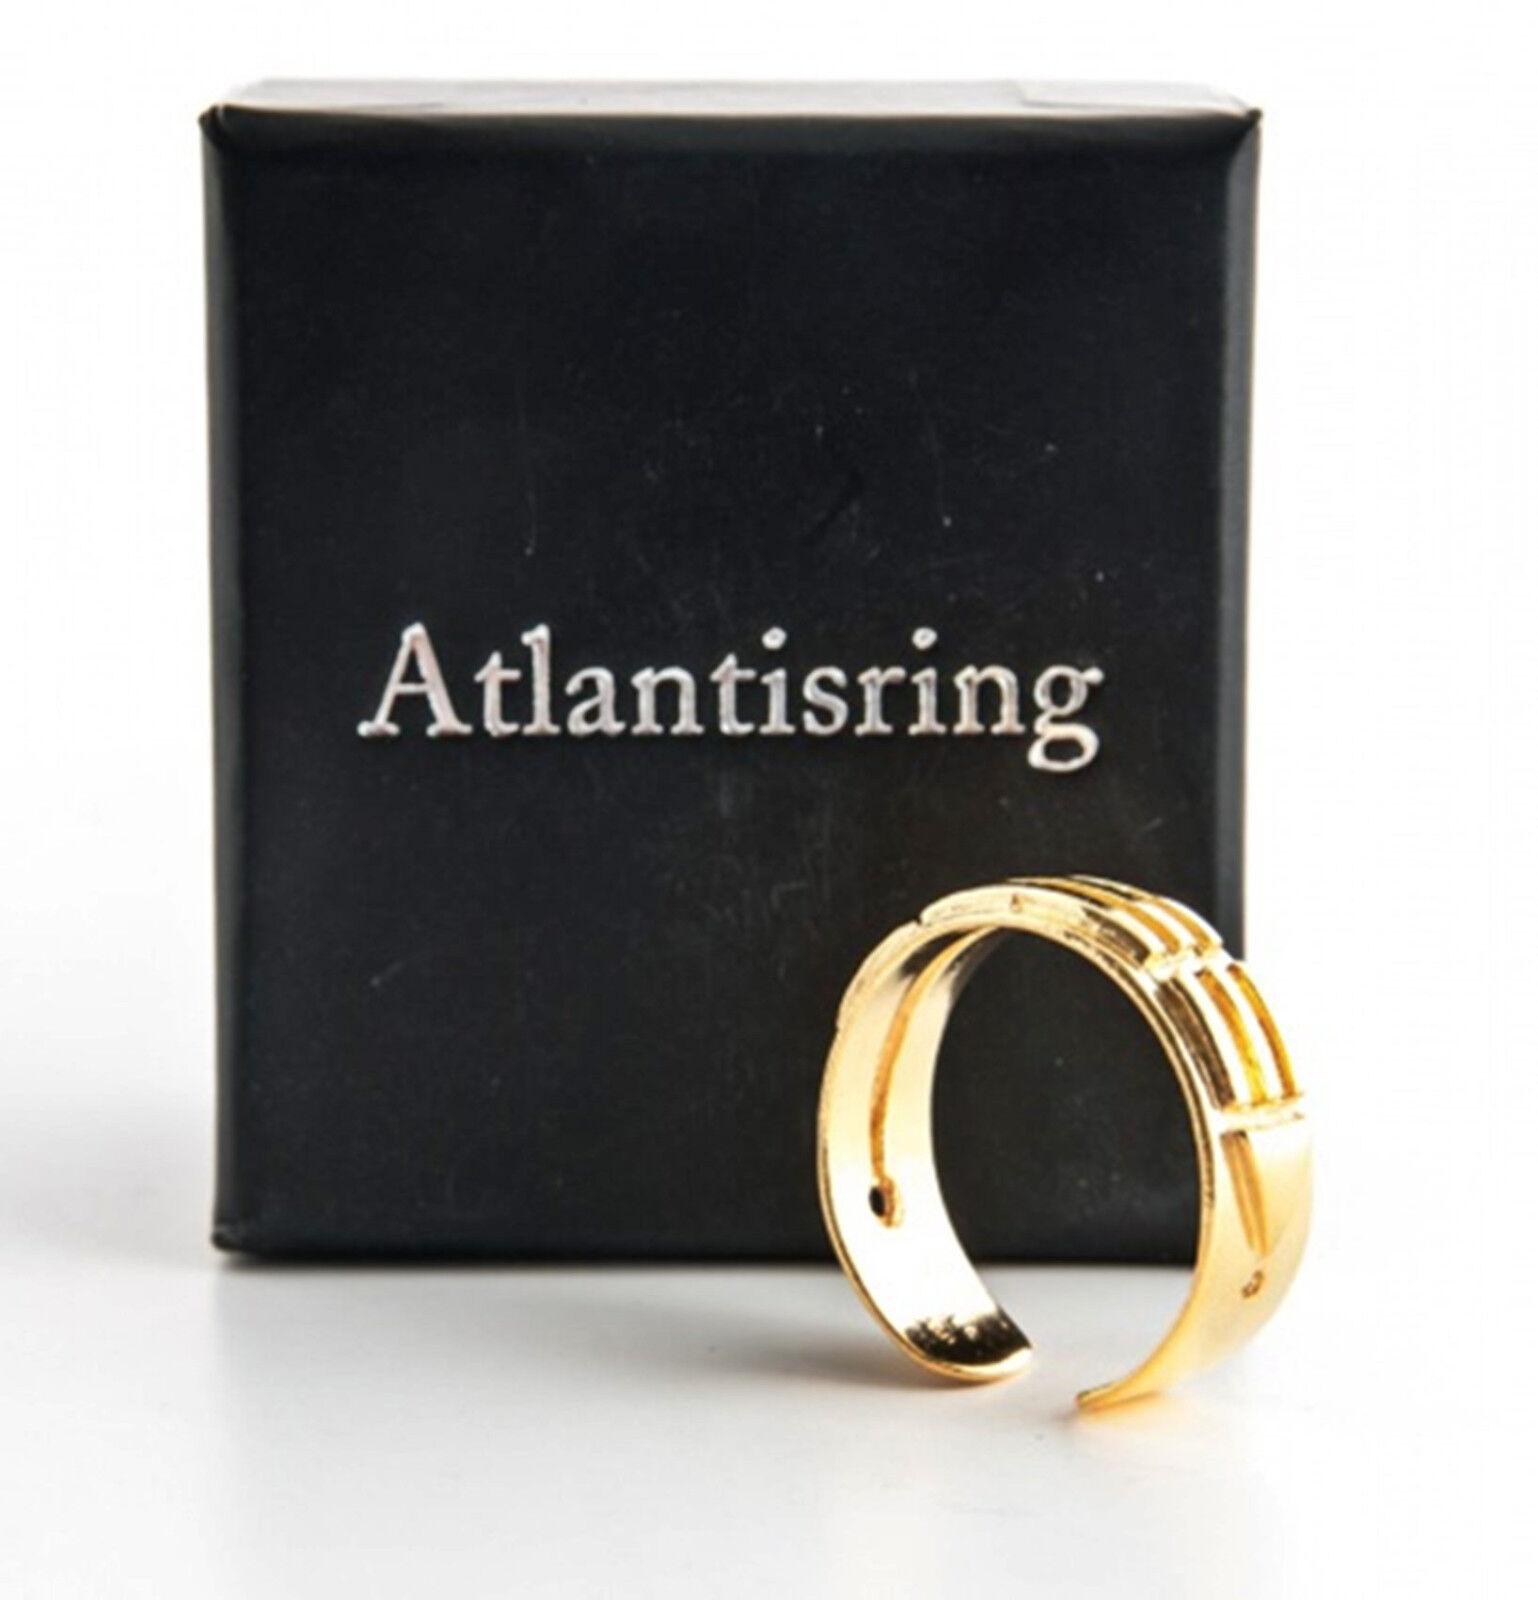 ATLANTIS Anello Anello Anello argentoo dorato (dimensioni UOMO) anello aperto 925 Sterling argentoo 58d5e3